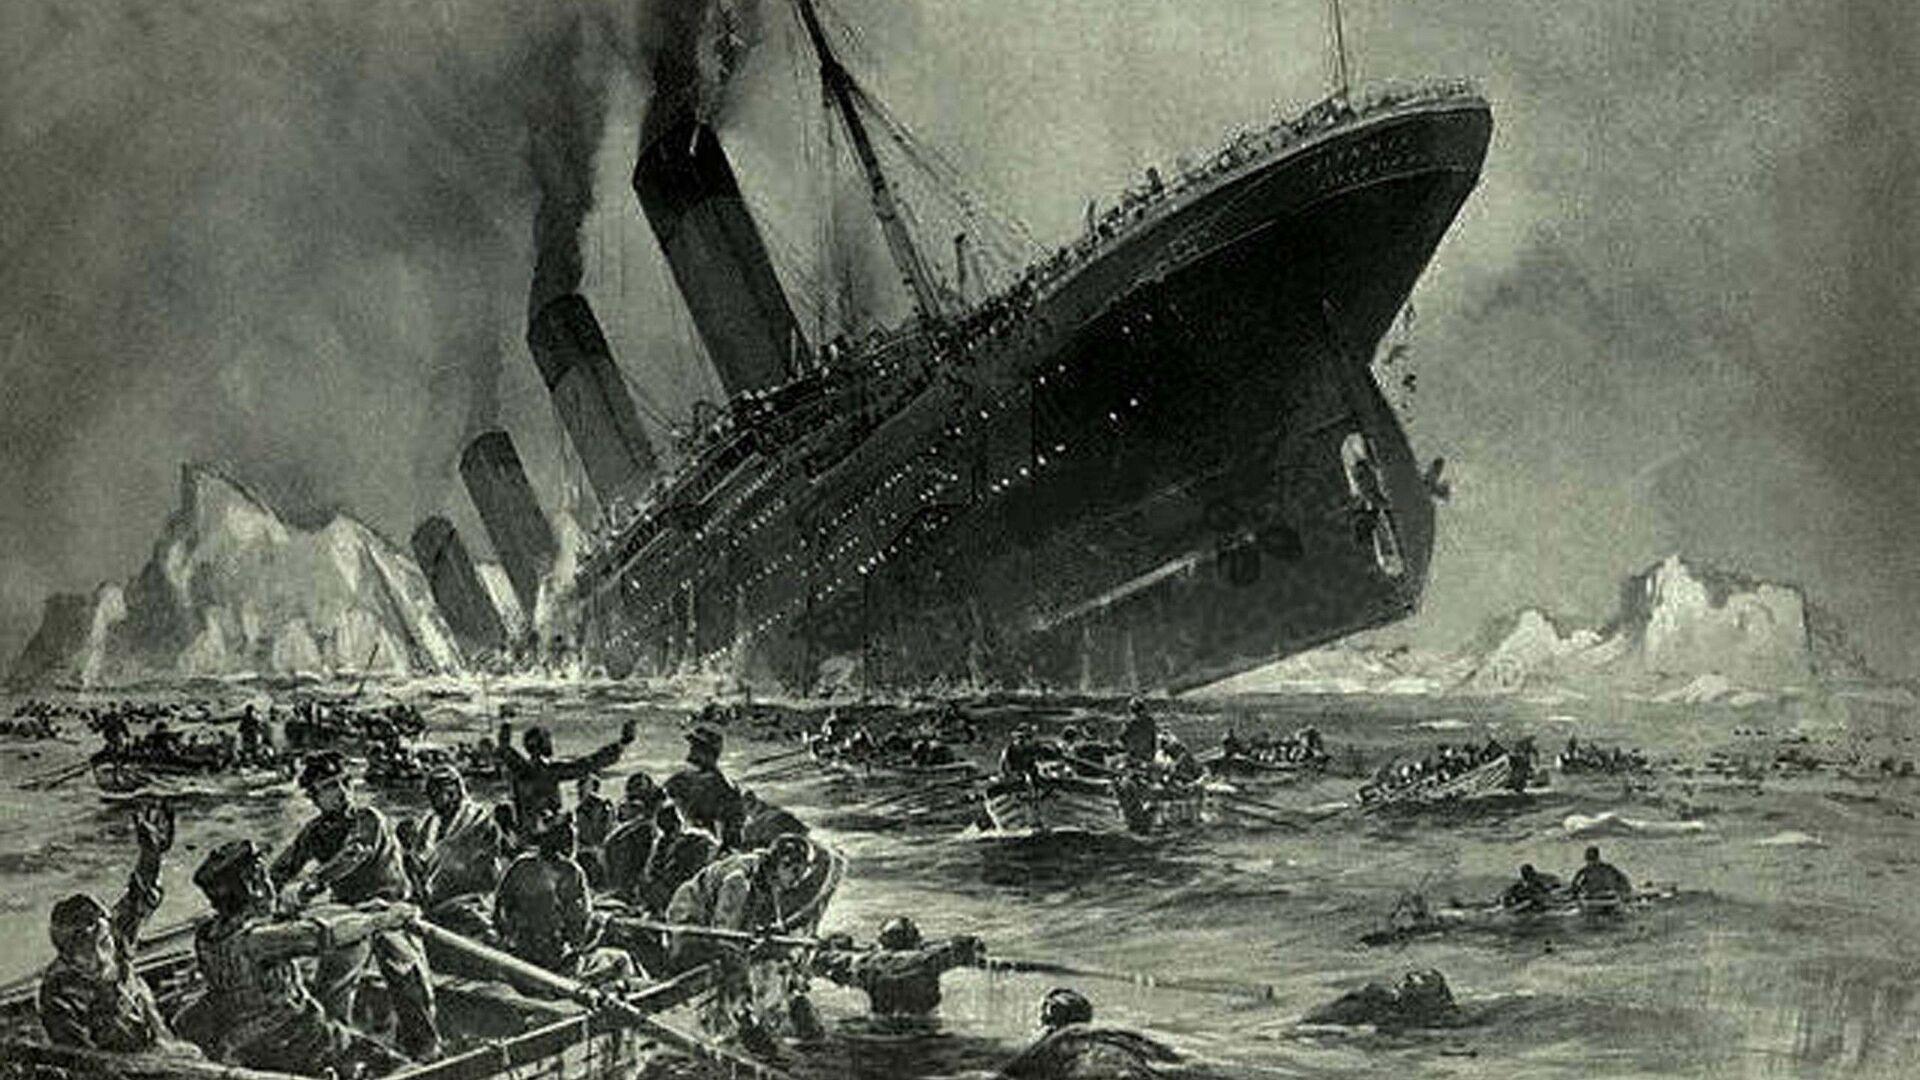 Η βύθιση του πλοίου Τιτανικός - Sputnik Ελλάδα, 1920, 19.09.2021